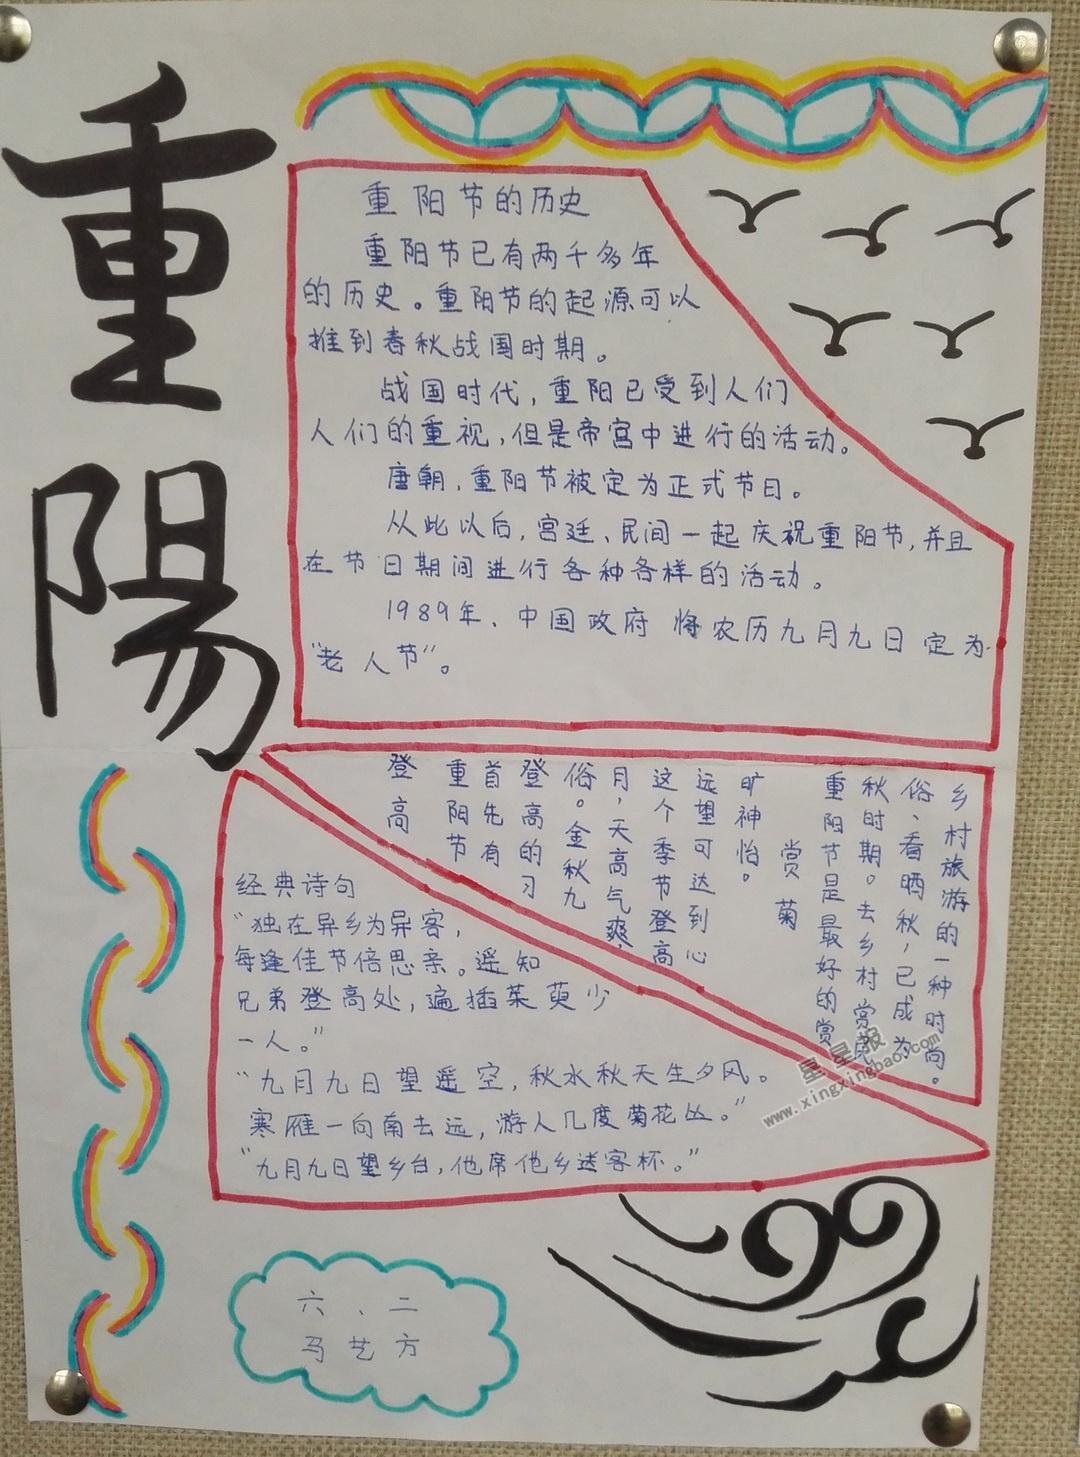 星星报 手抄报 重阳节手抄报 >> 正文内容       金秋送爽,丹桂飘香